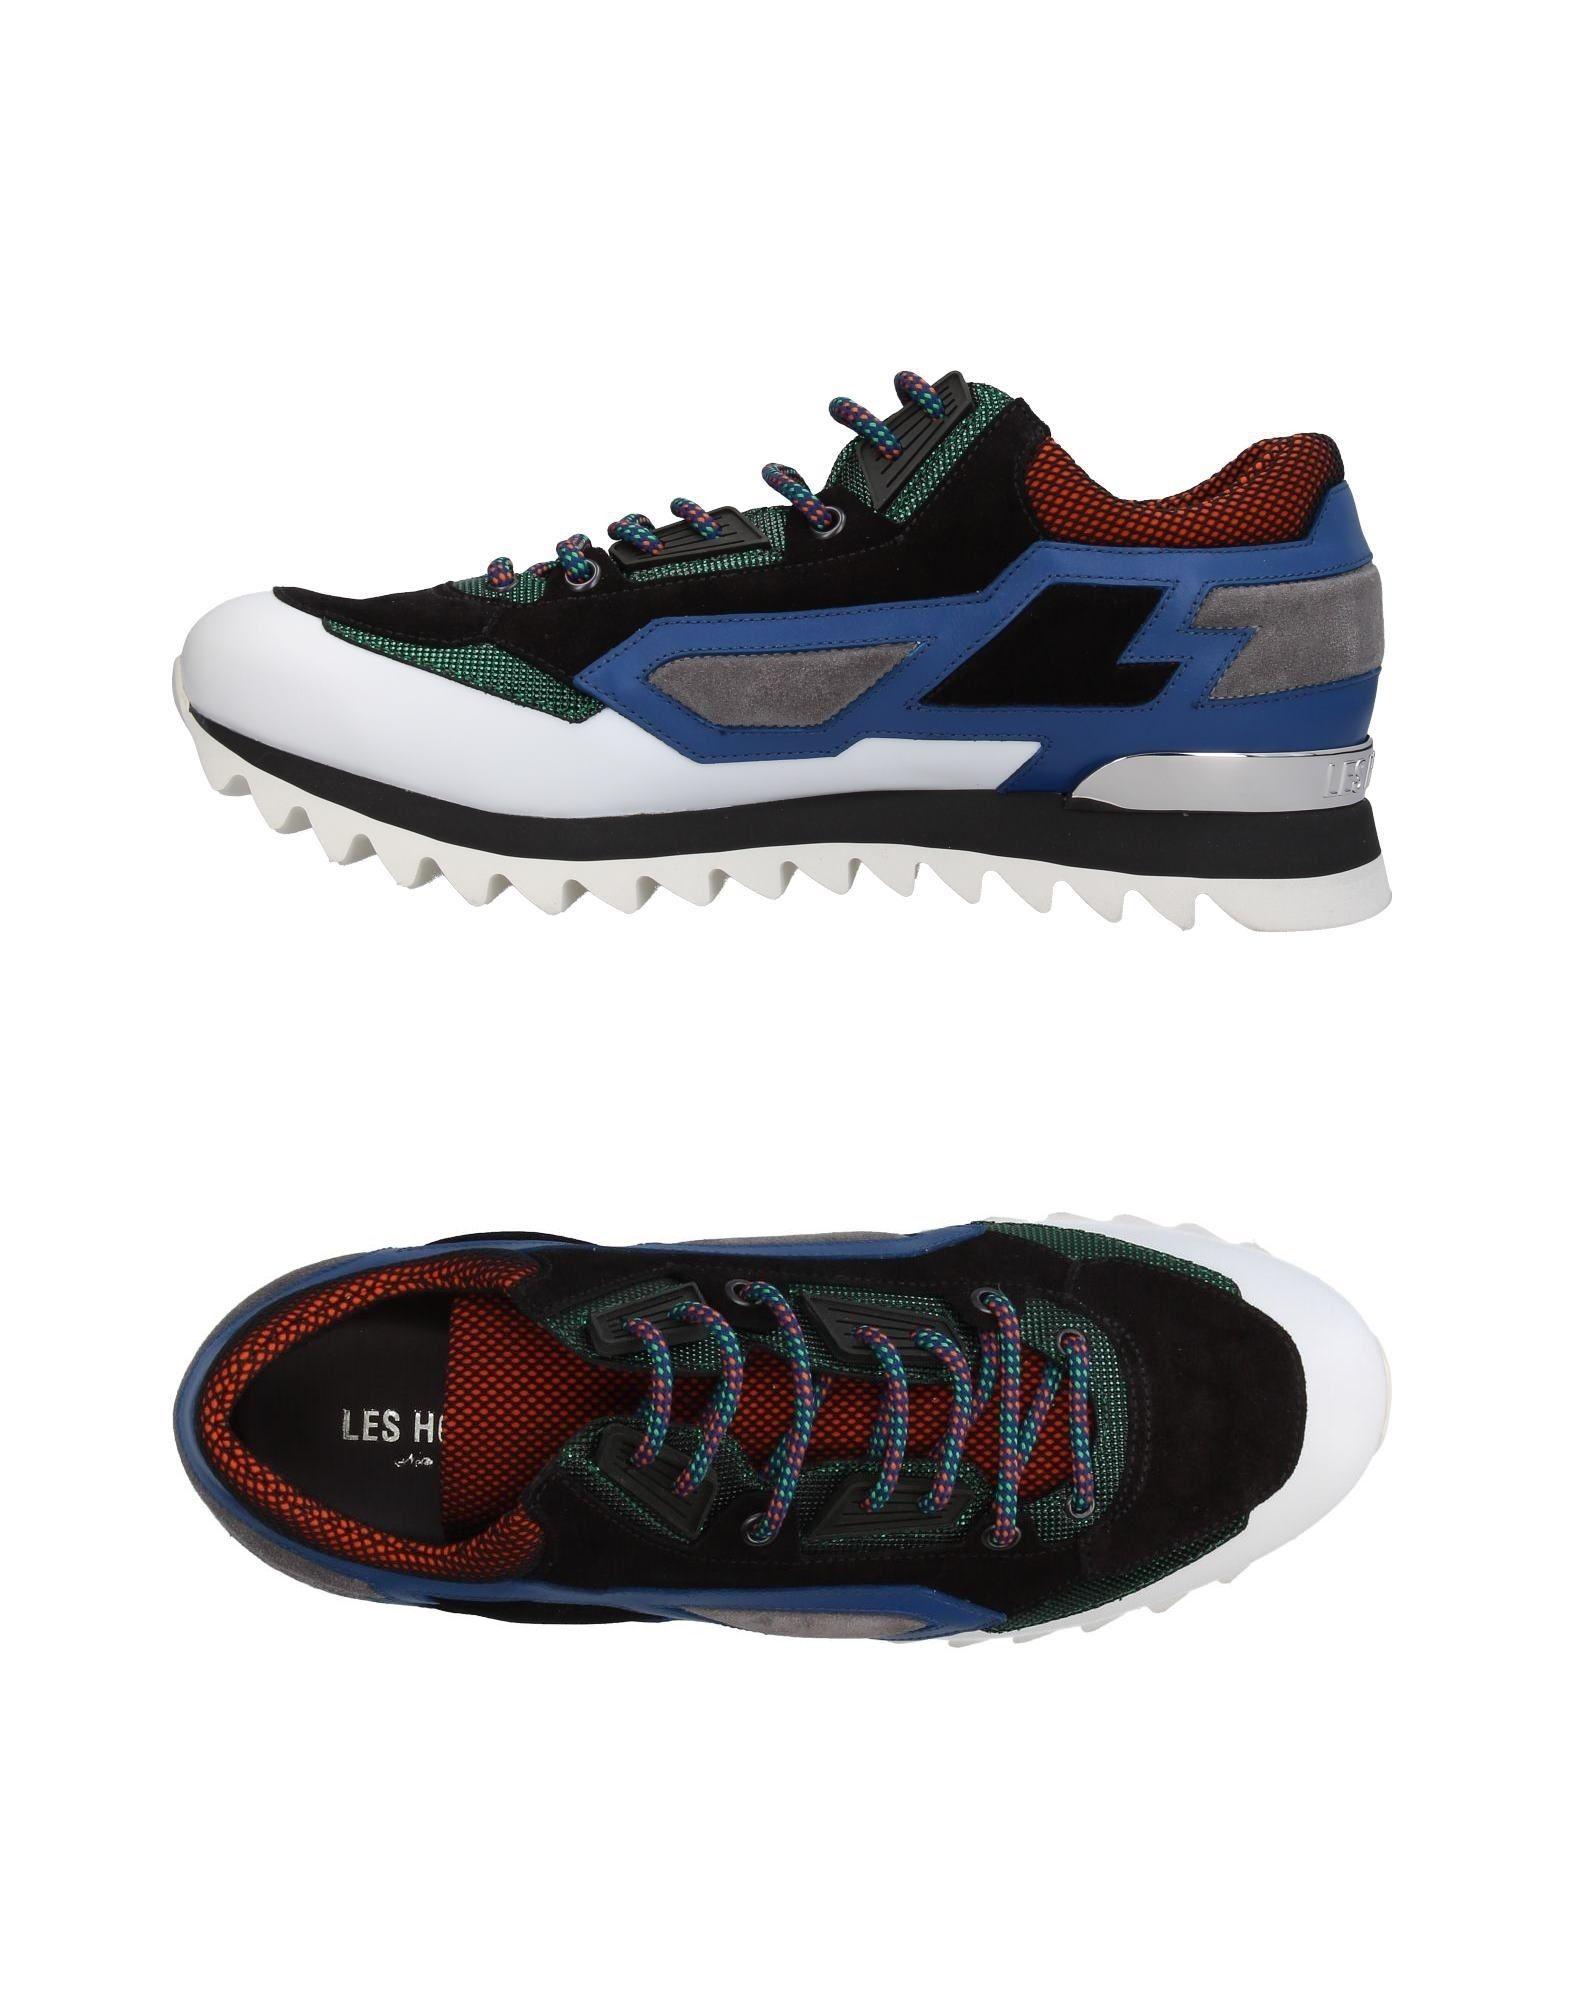 LES HOMMES Herren Low Sneakers & Tennisschuhe Farbe Schwarz Größe 9 jetztbilligerkaufen